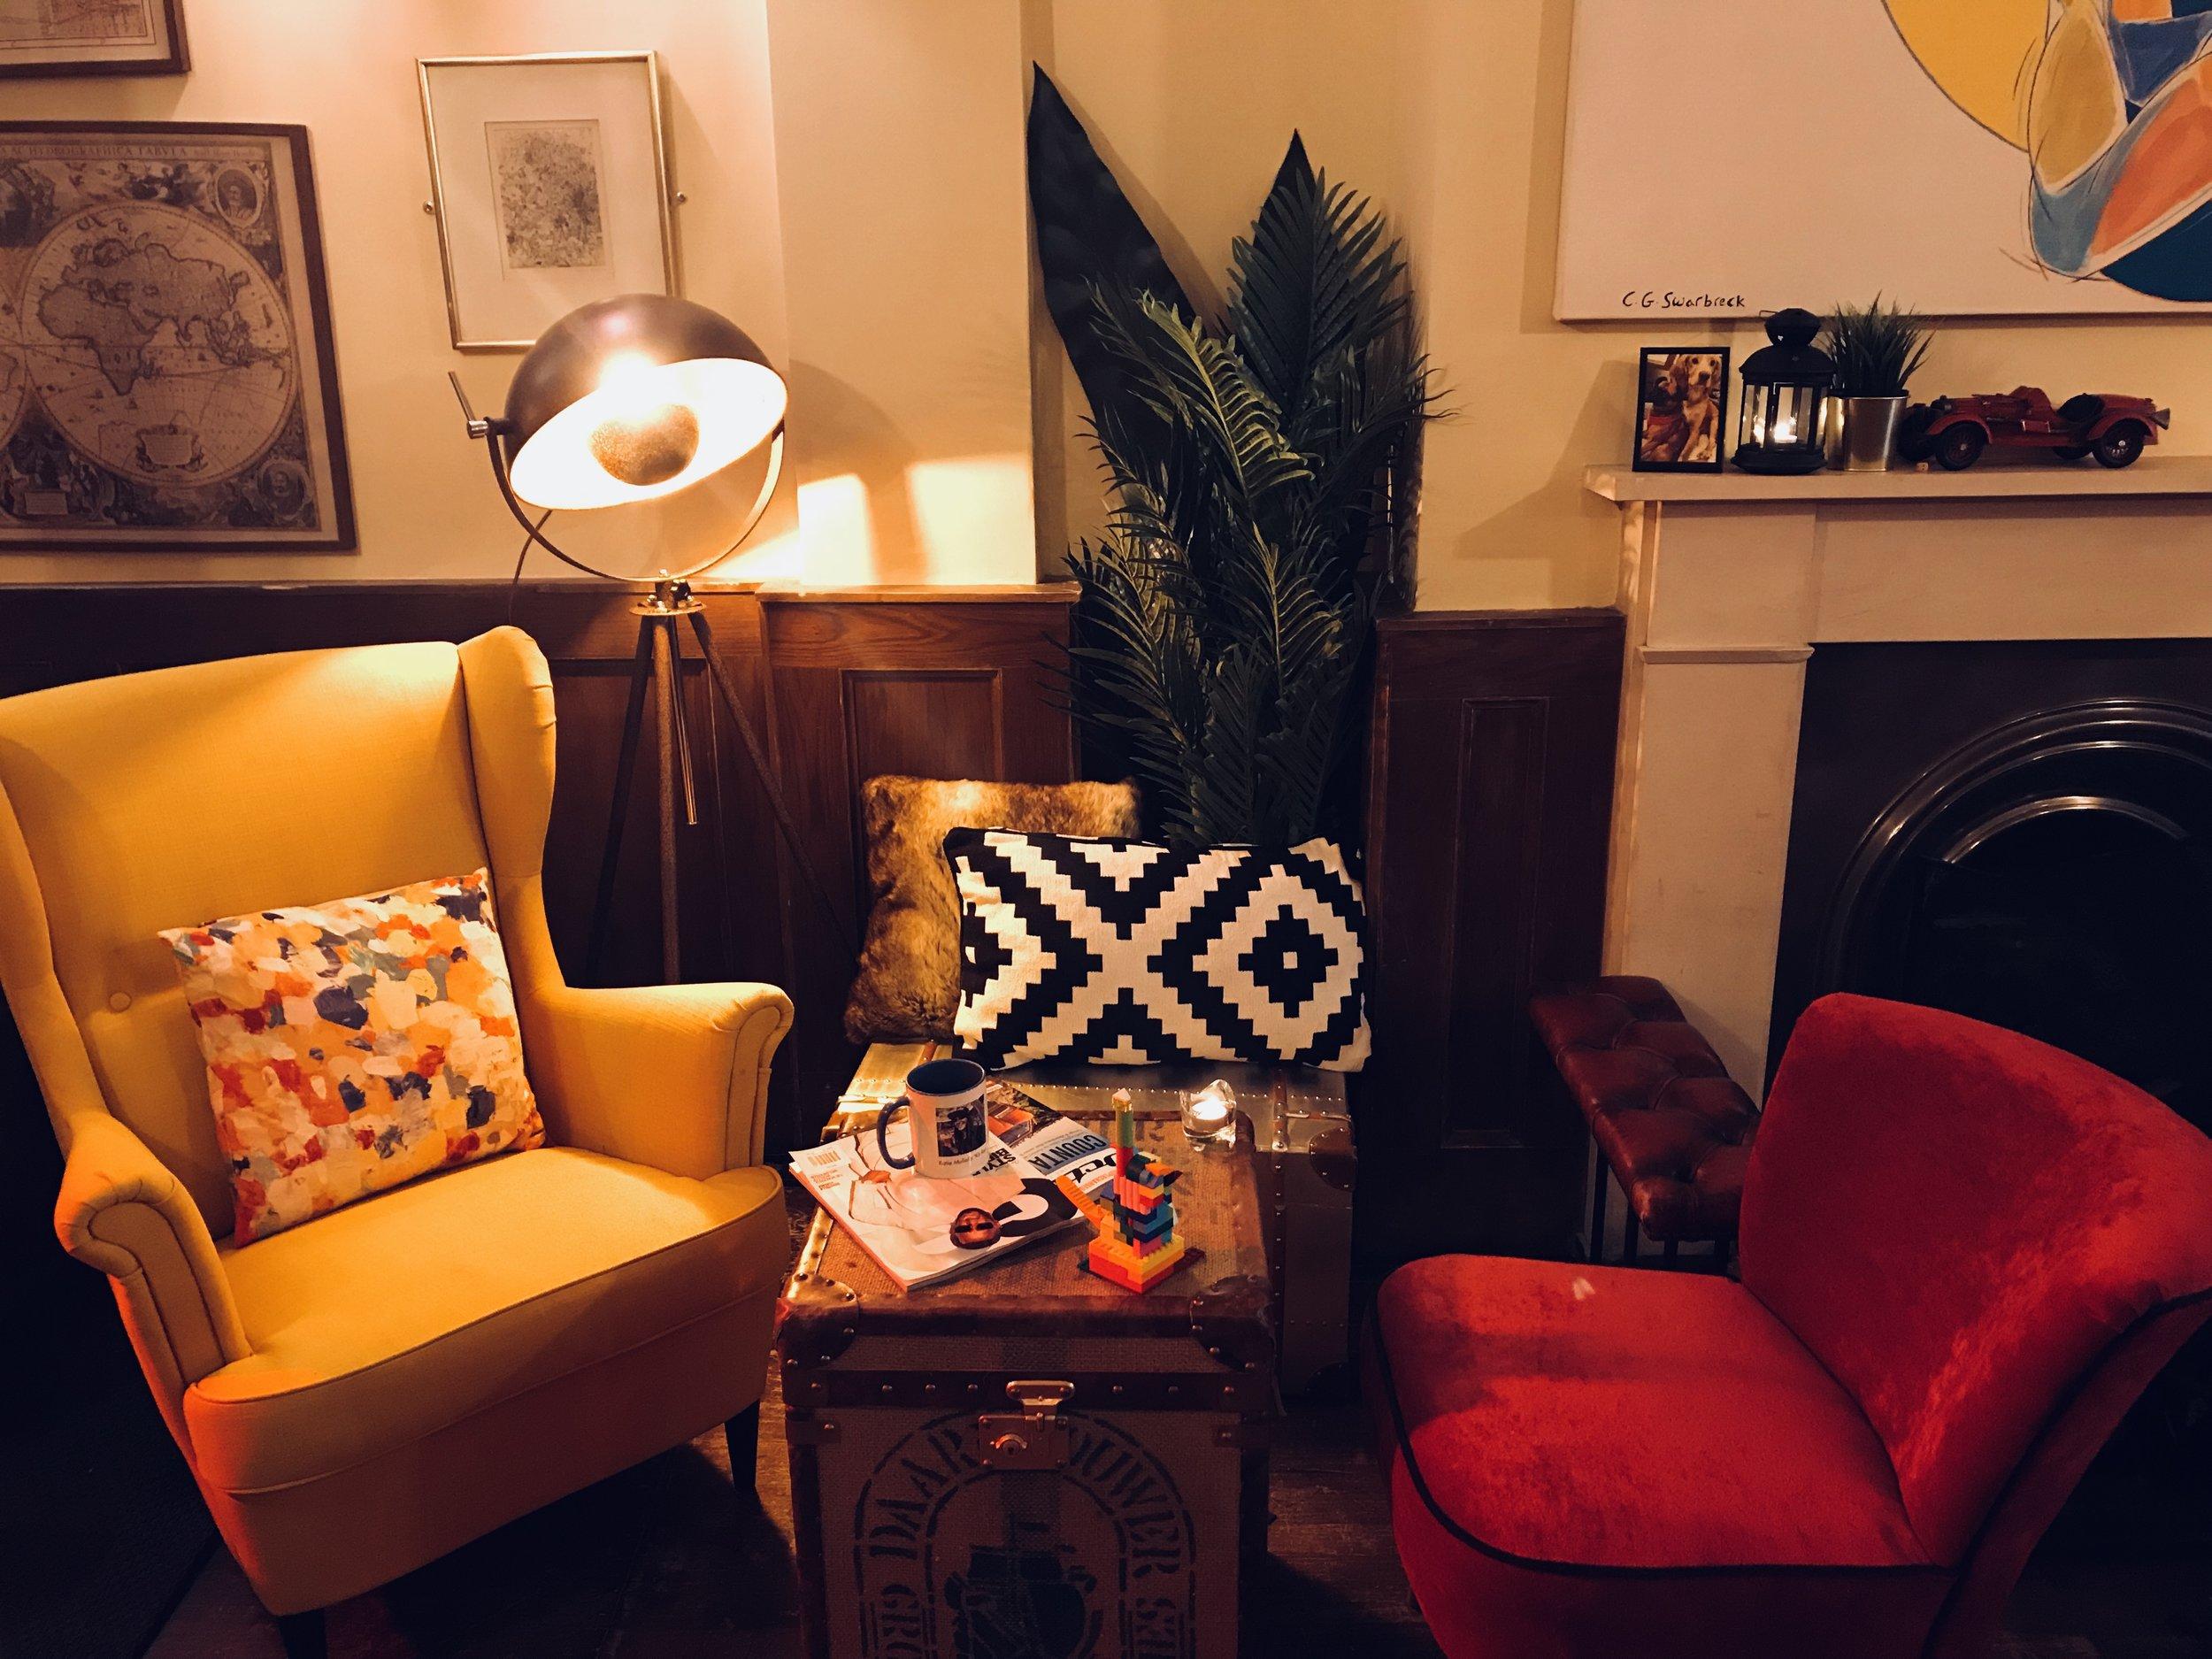 Coffee-table-seating-1.jpg